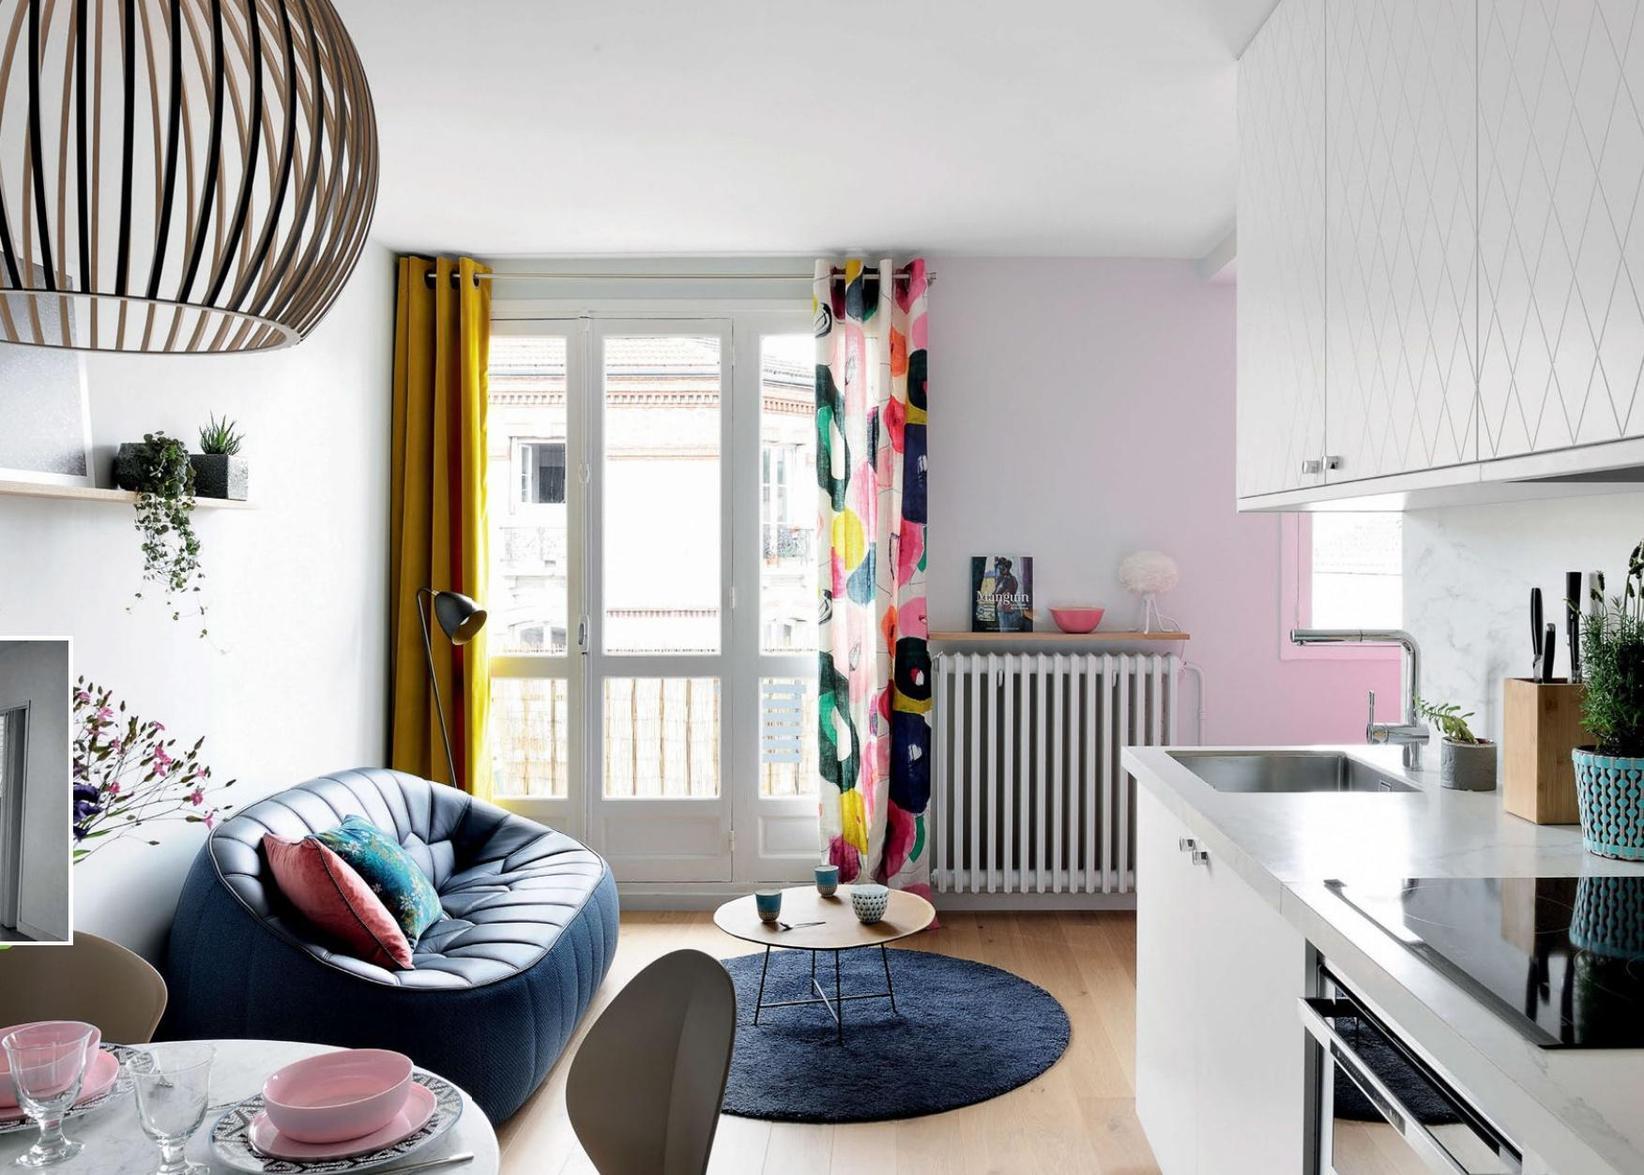 petite surface la couleur d limite l espace sfr presse. Black Bedroom Furniture Sets. Home Design Ideas